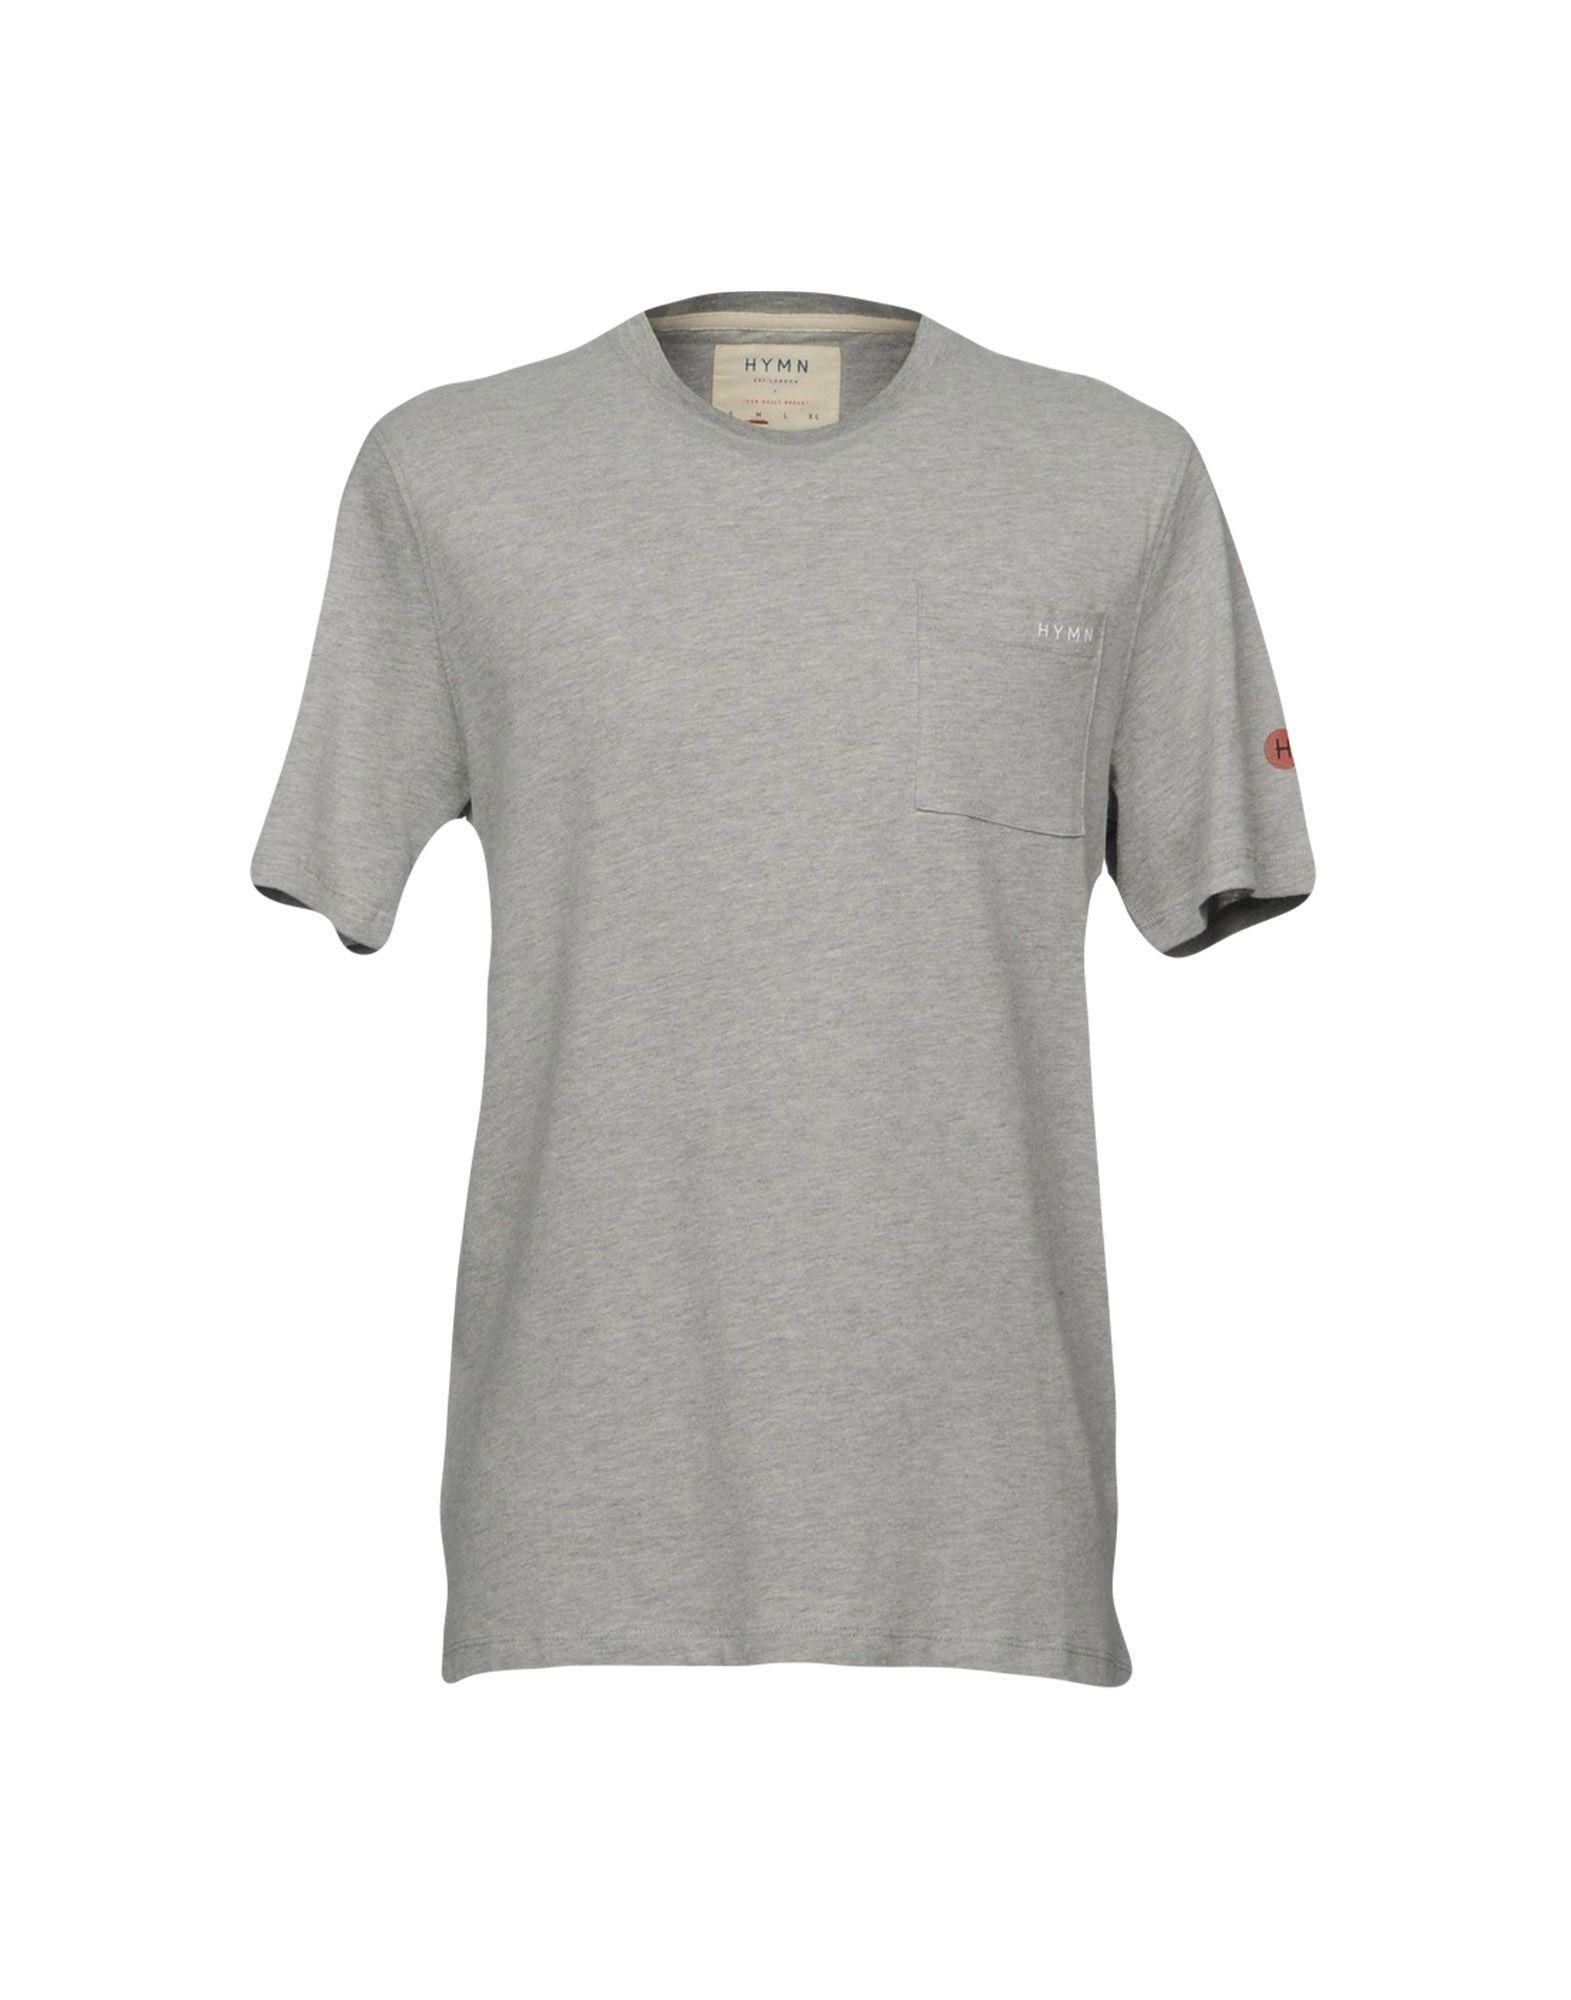 HYMN Herren T-shirts Farbe Grau Größe 7